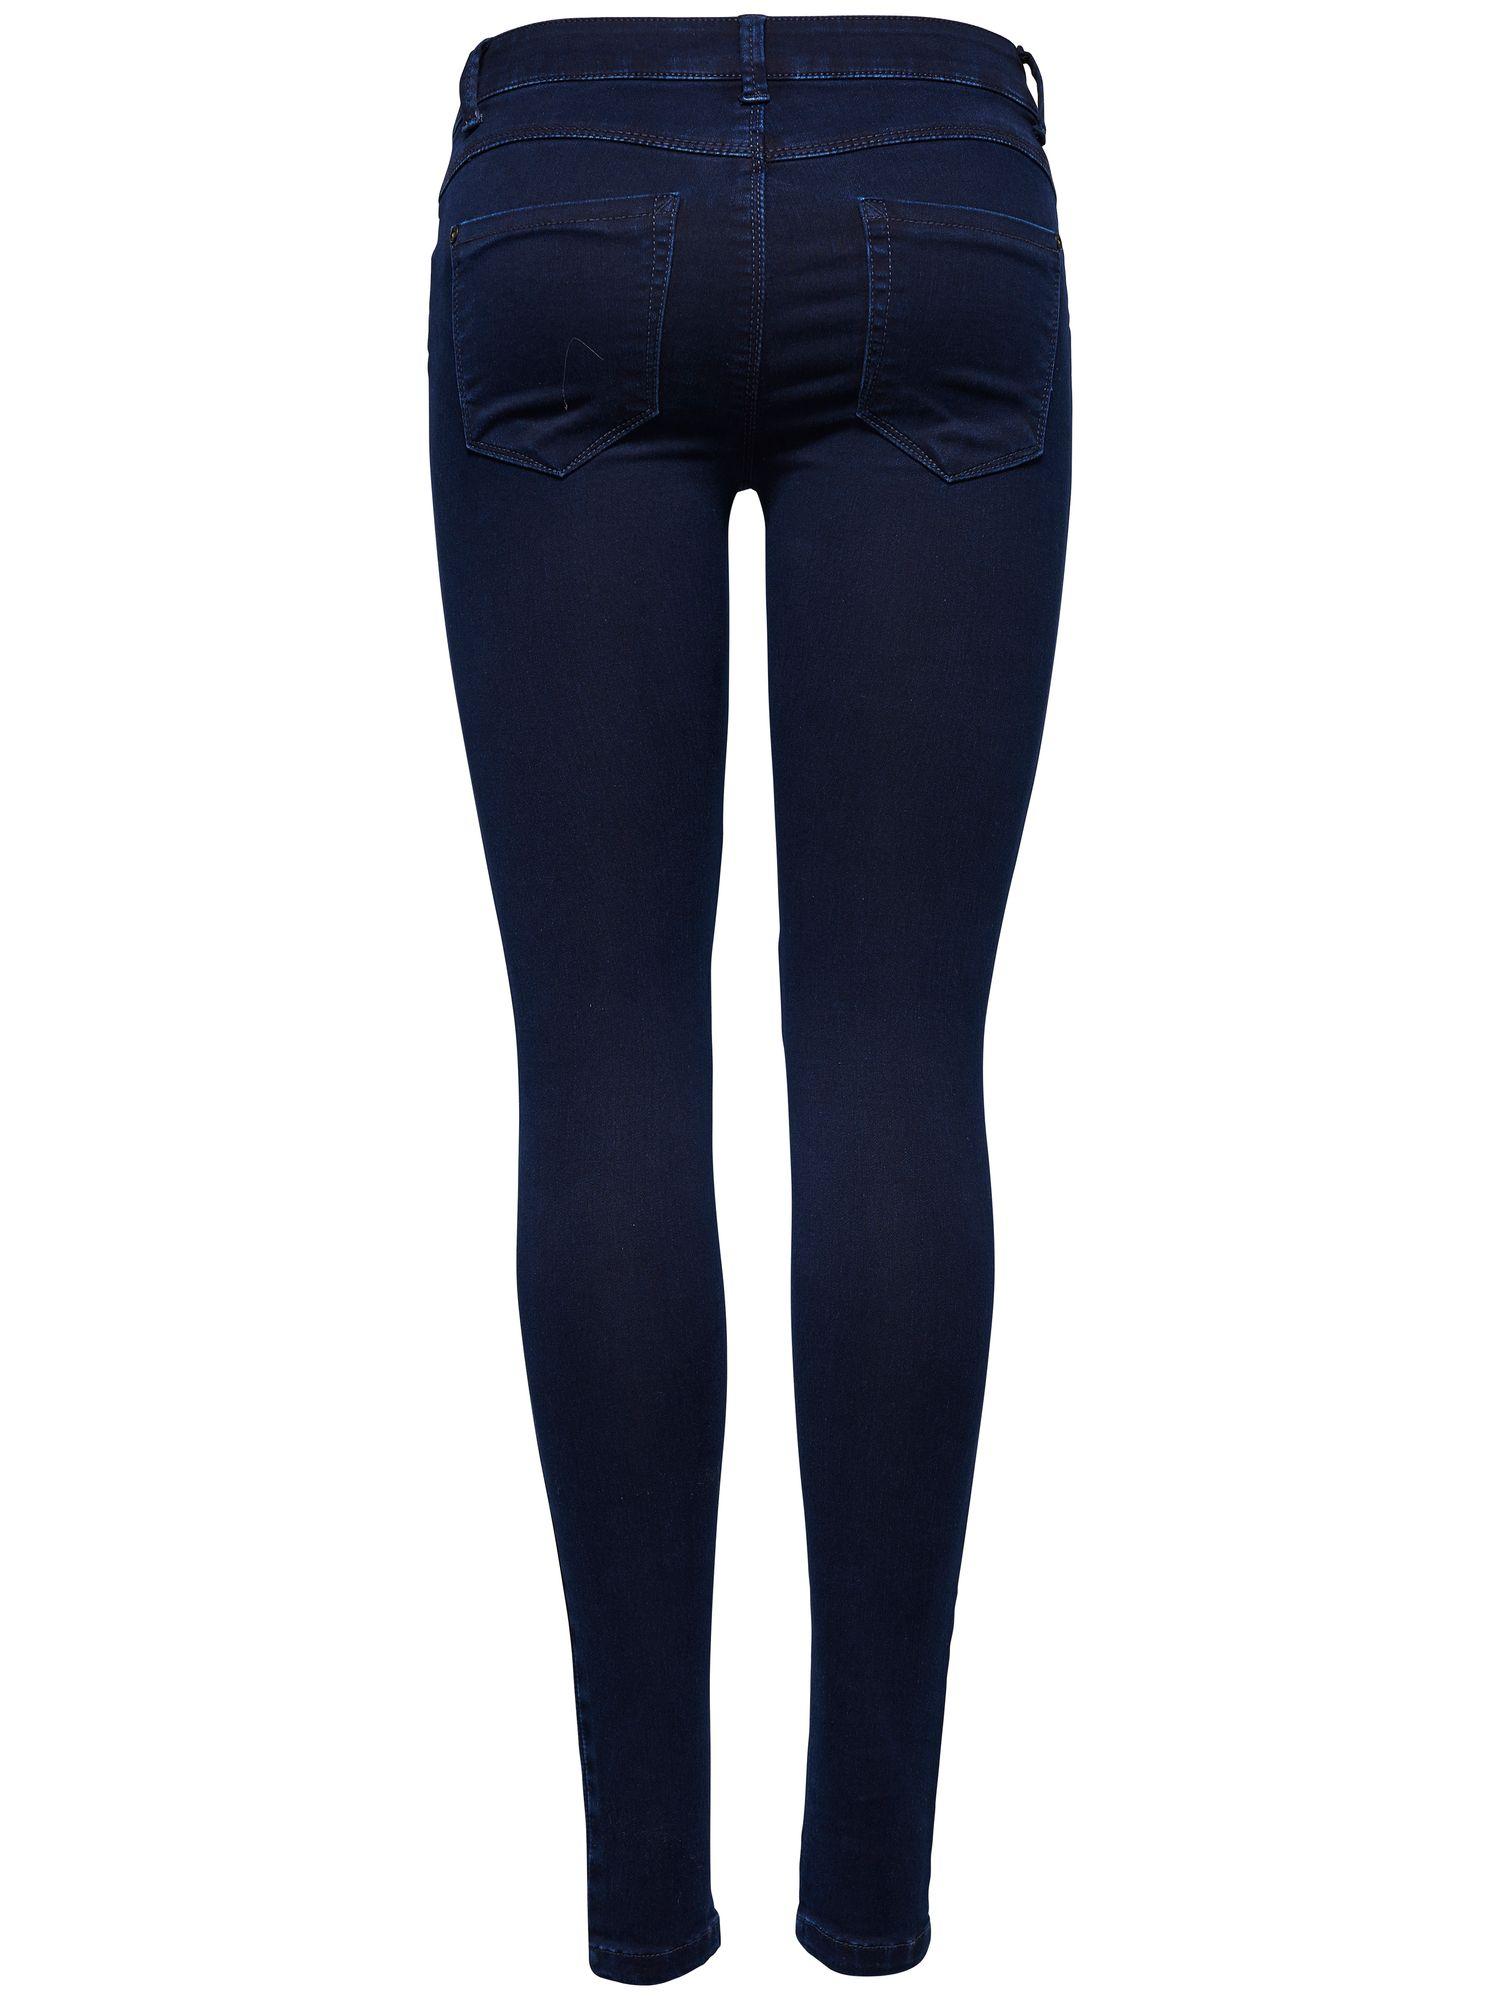 only damen jeans hose skinny hochbund r hrenjeans stretch. Black Bedroom Furniture Sets. Home Design Ideas